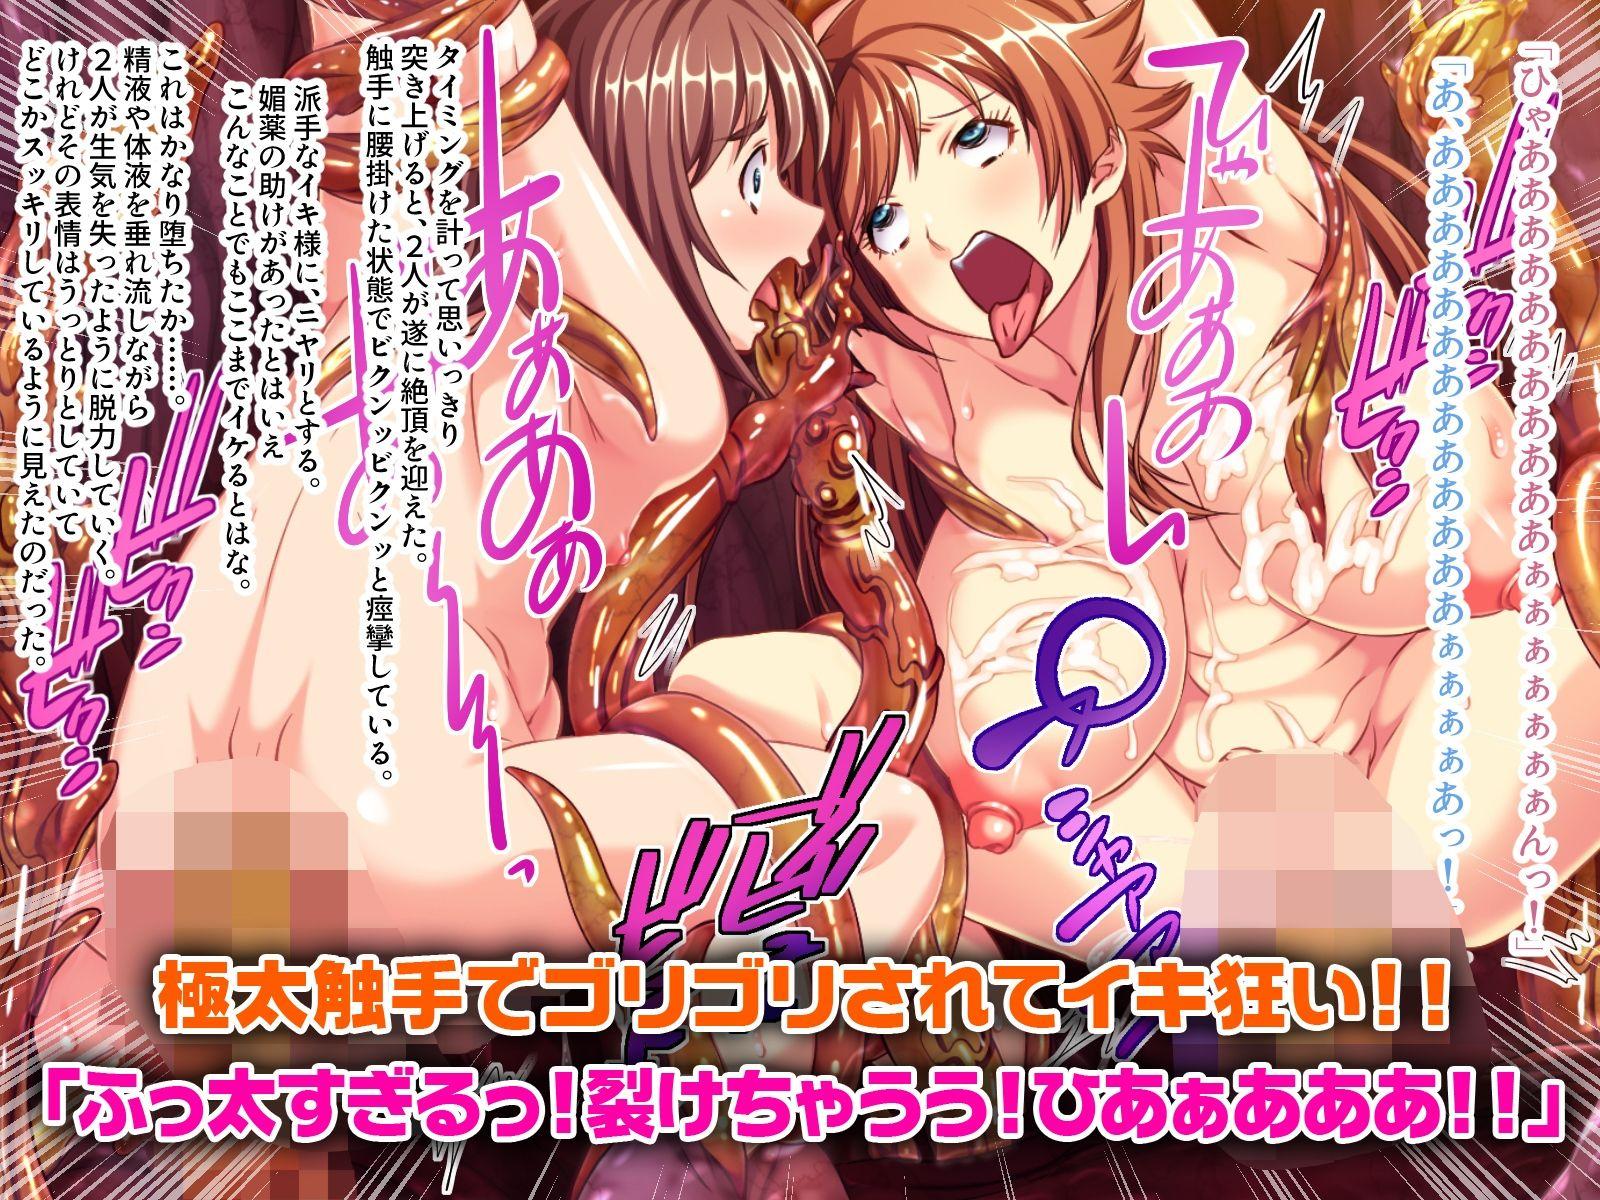 期間限定!CG集3作品セット ~触手祭り開催でござる!!~5